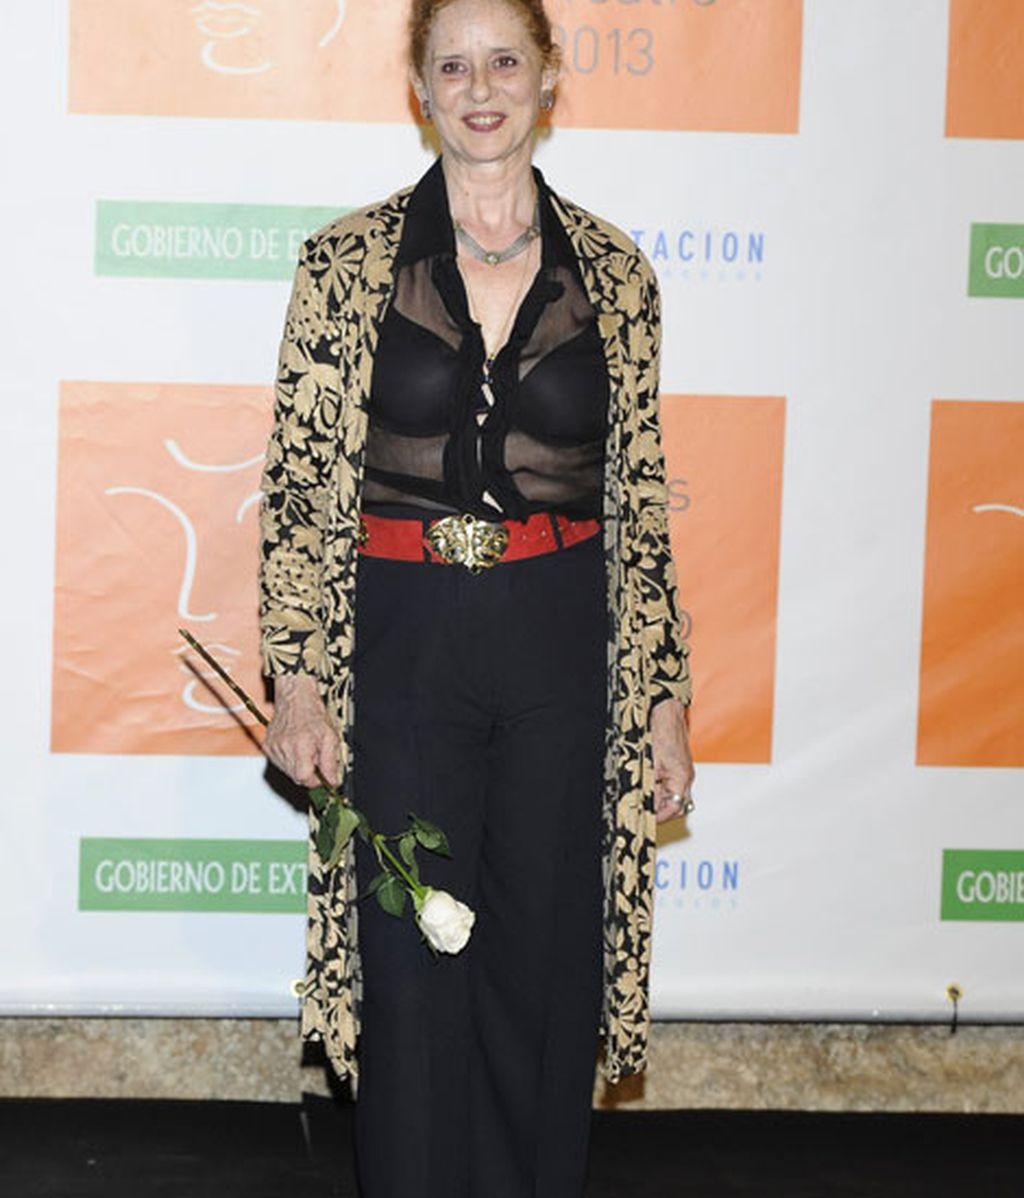 La actriz Vicky Peña arriesgó con las transparencias